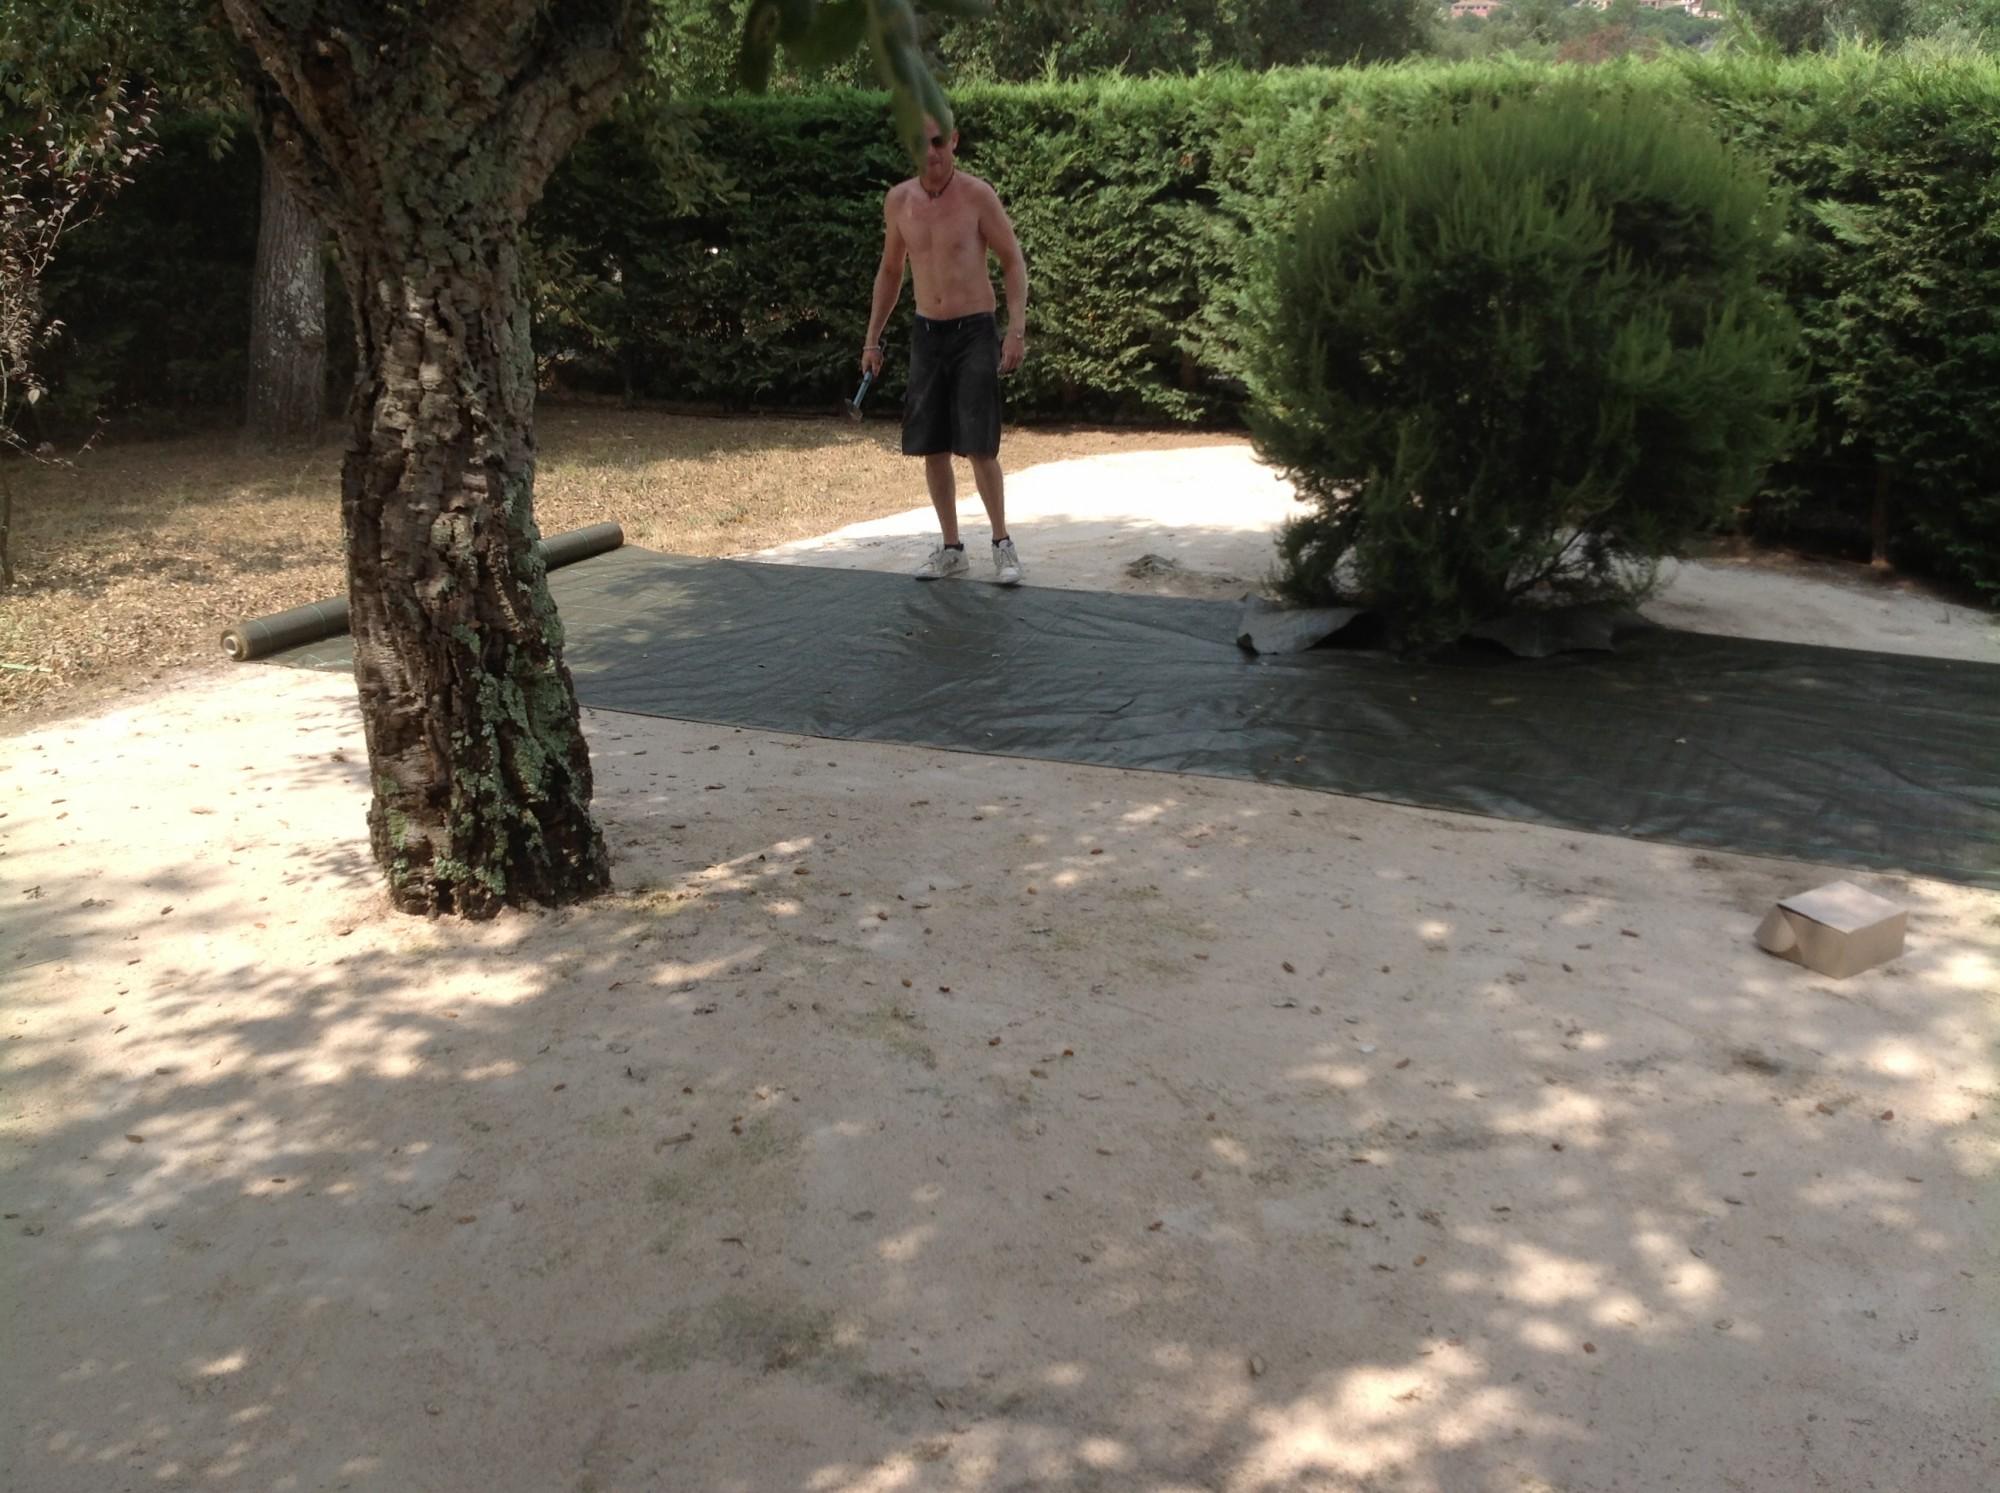 Préparation de sol avant l'installation d'un gazon synthétique à Hyères